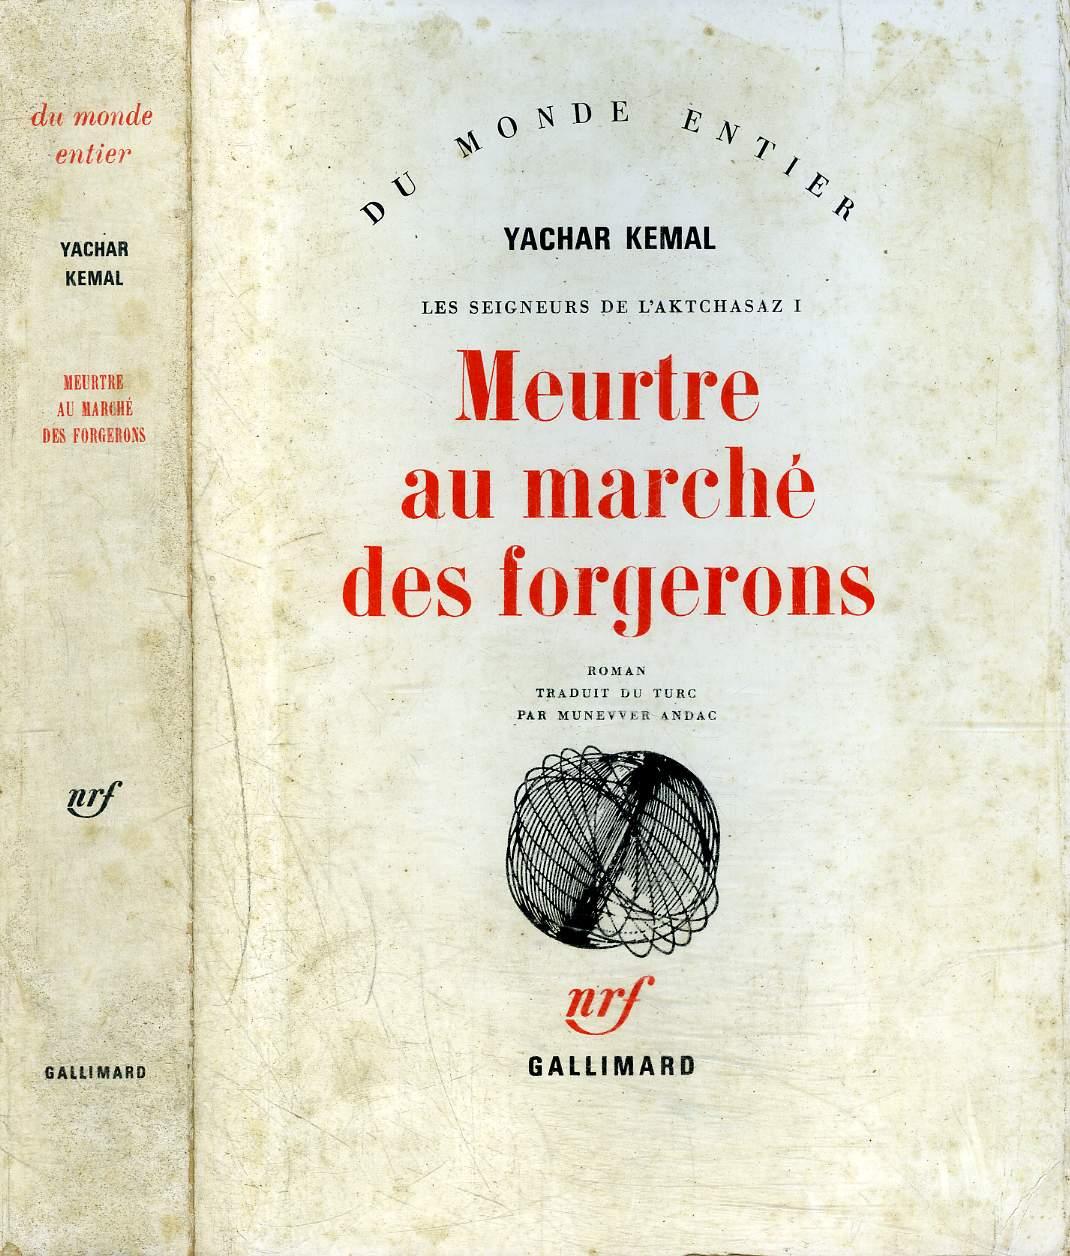 LES SEIGNEURS DE L'AKTCHASAZ I : MEURTRE AU MARCHE DES FORGERONS